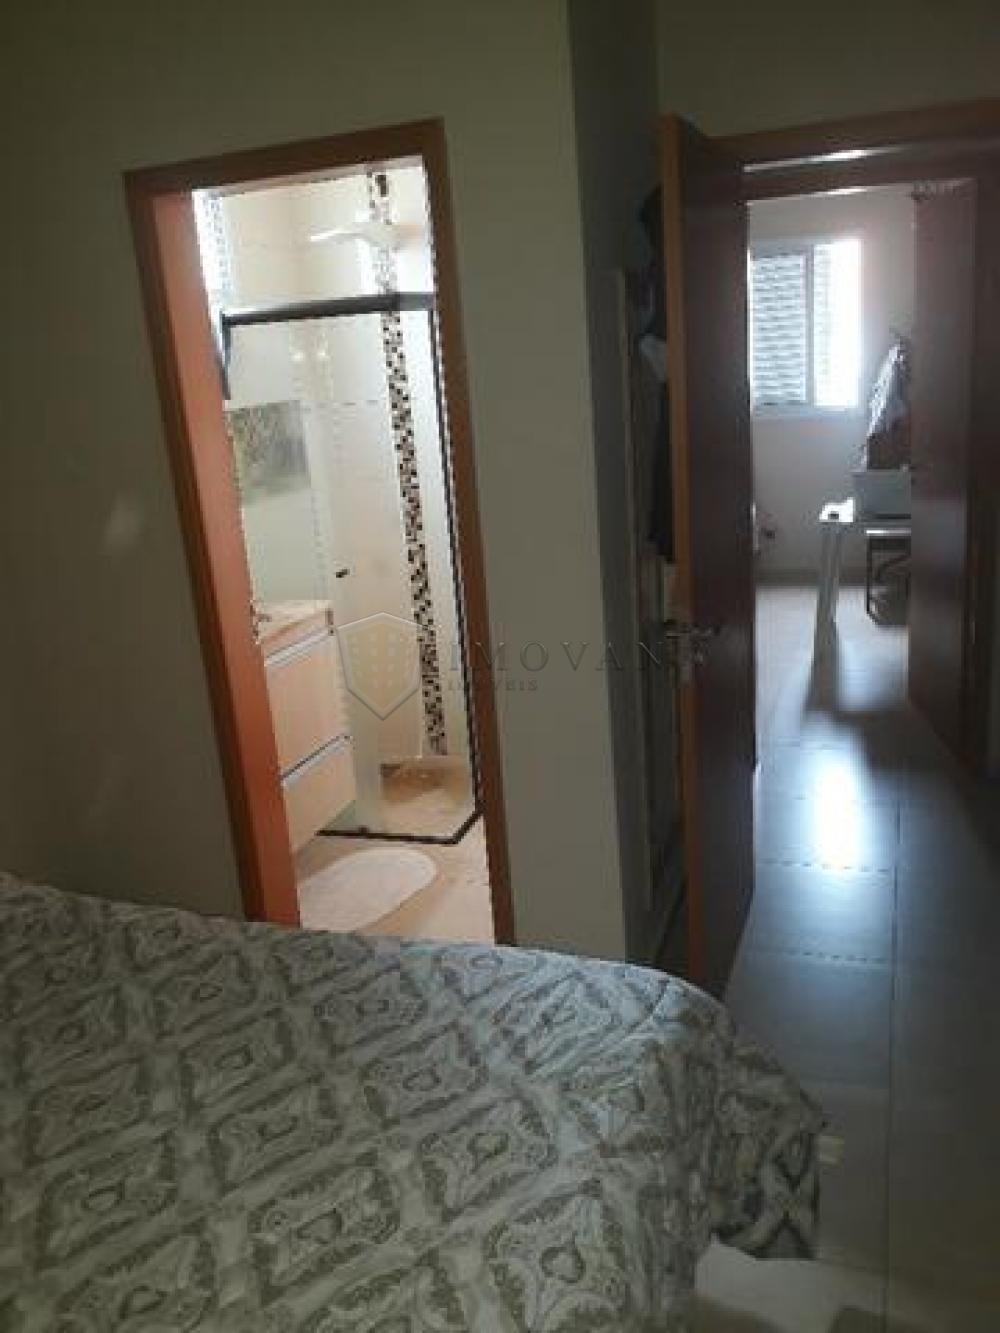 Comprar Apartamento / Padrão em Bonfim Paulista apenas R$ 299.000,00 - Foto 16